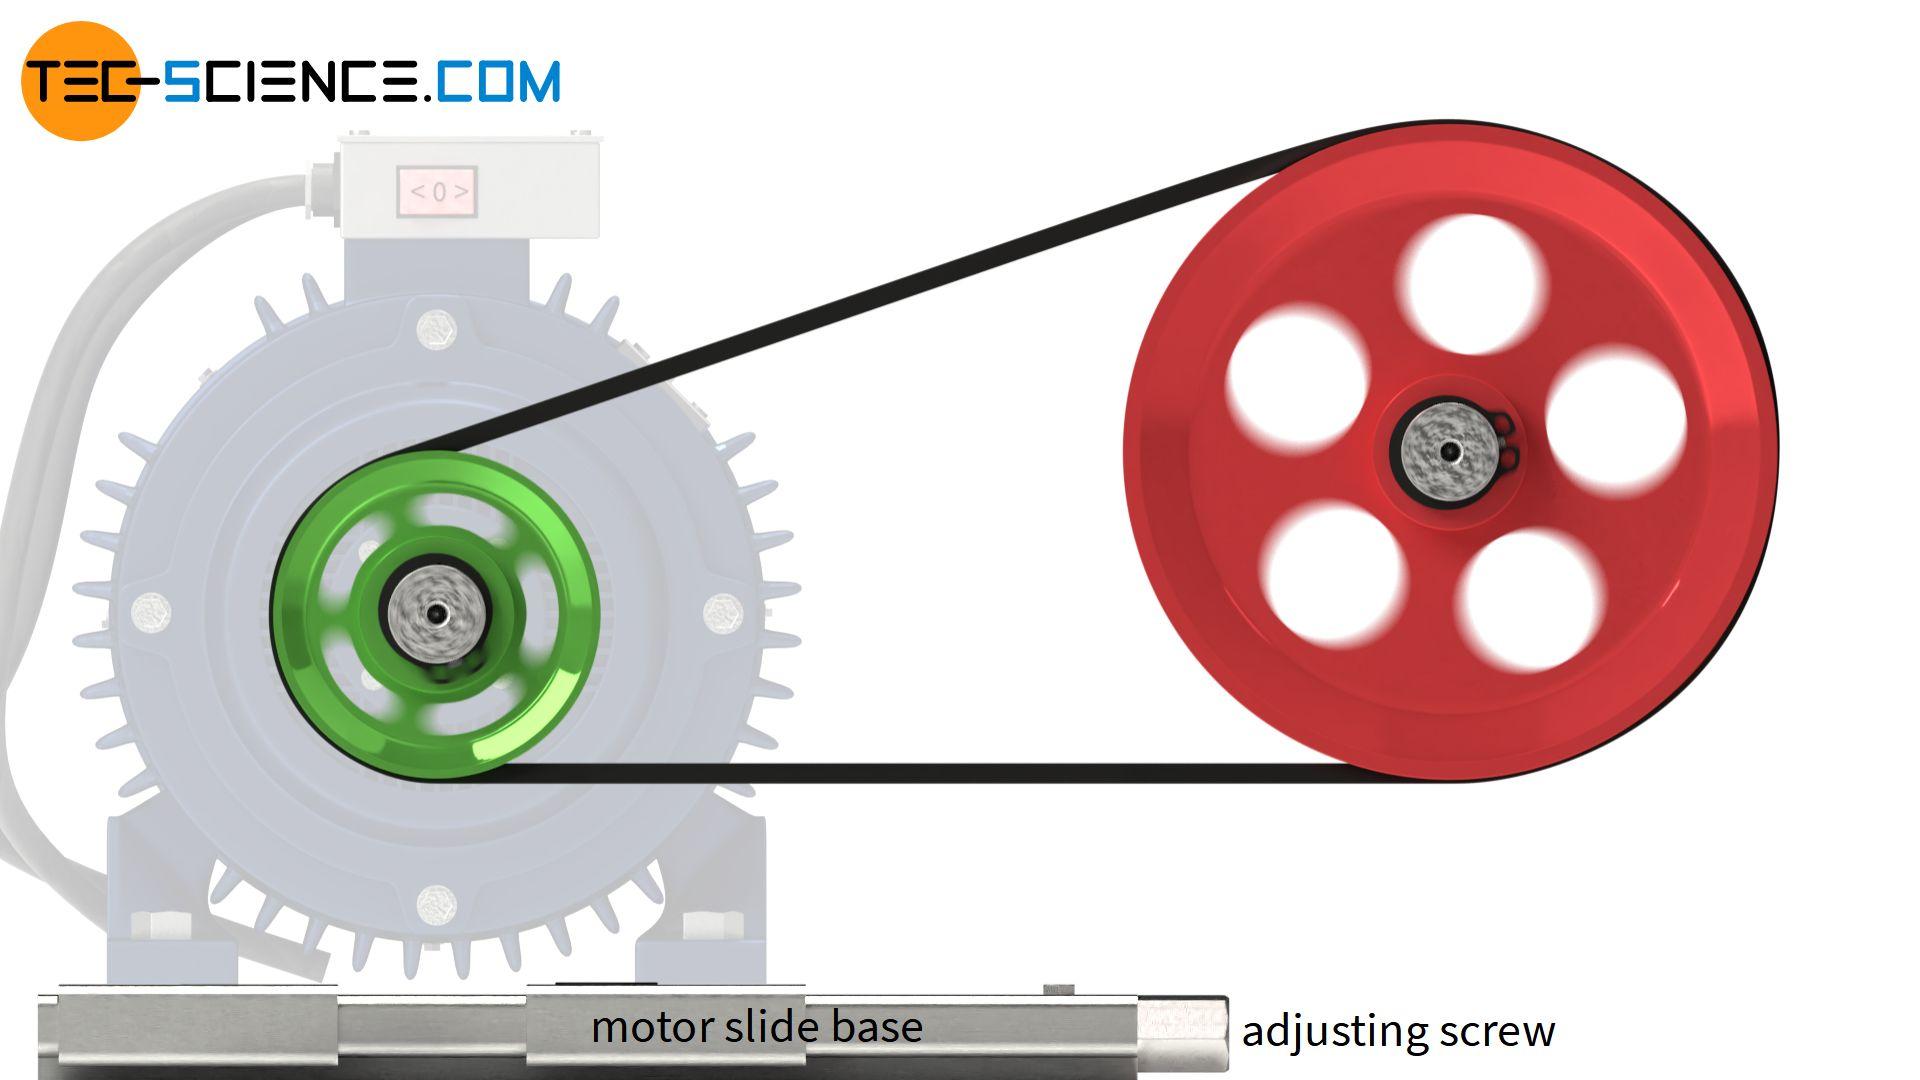 Motor slide base